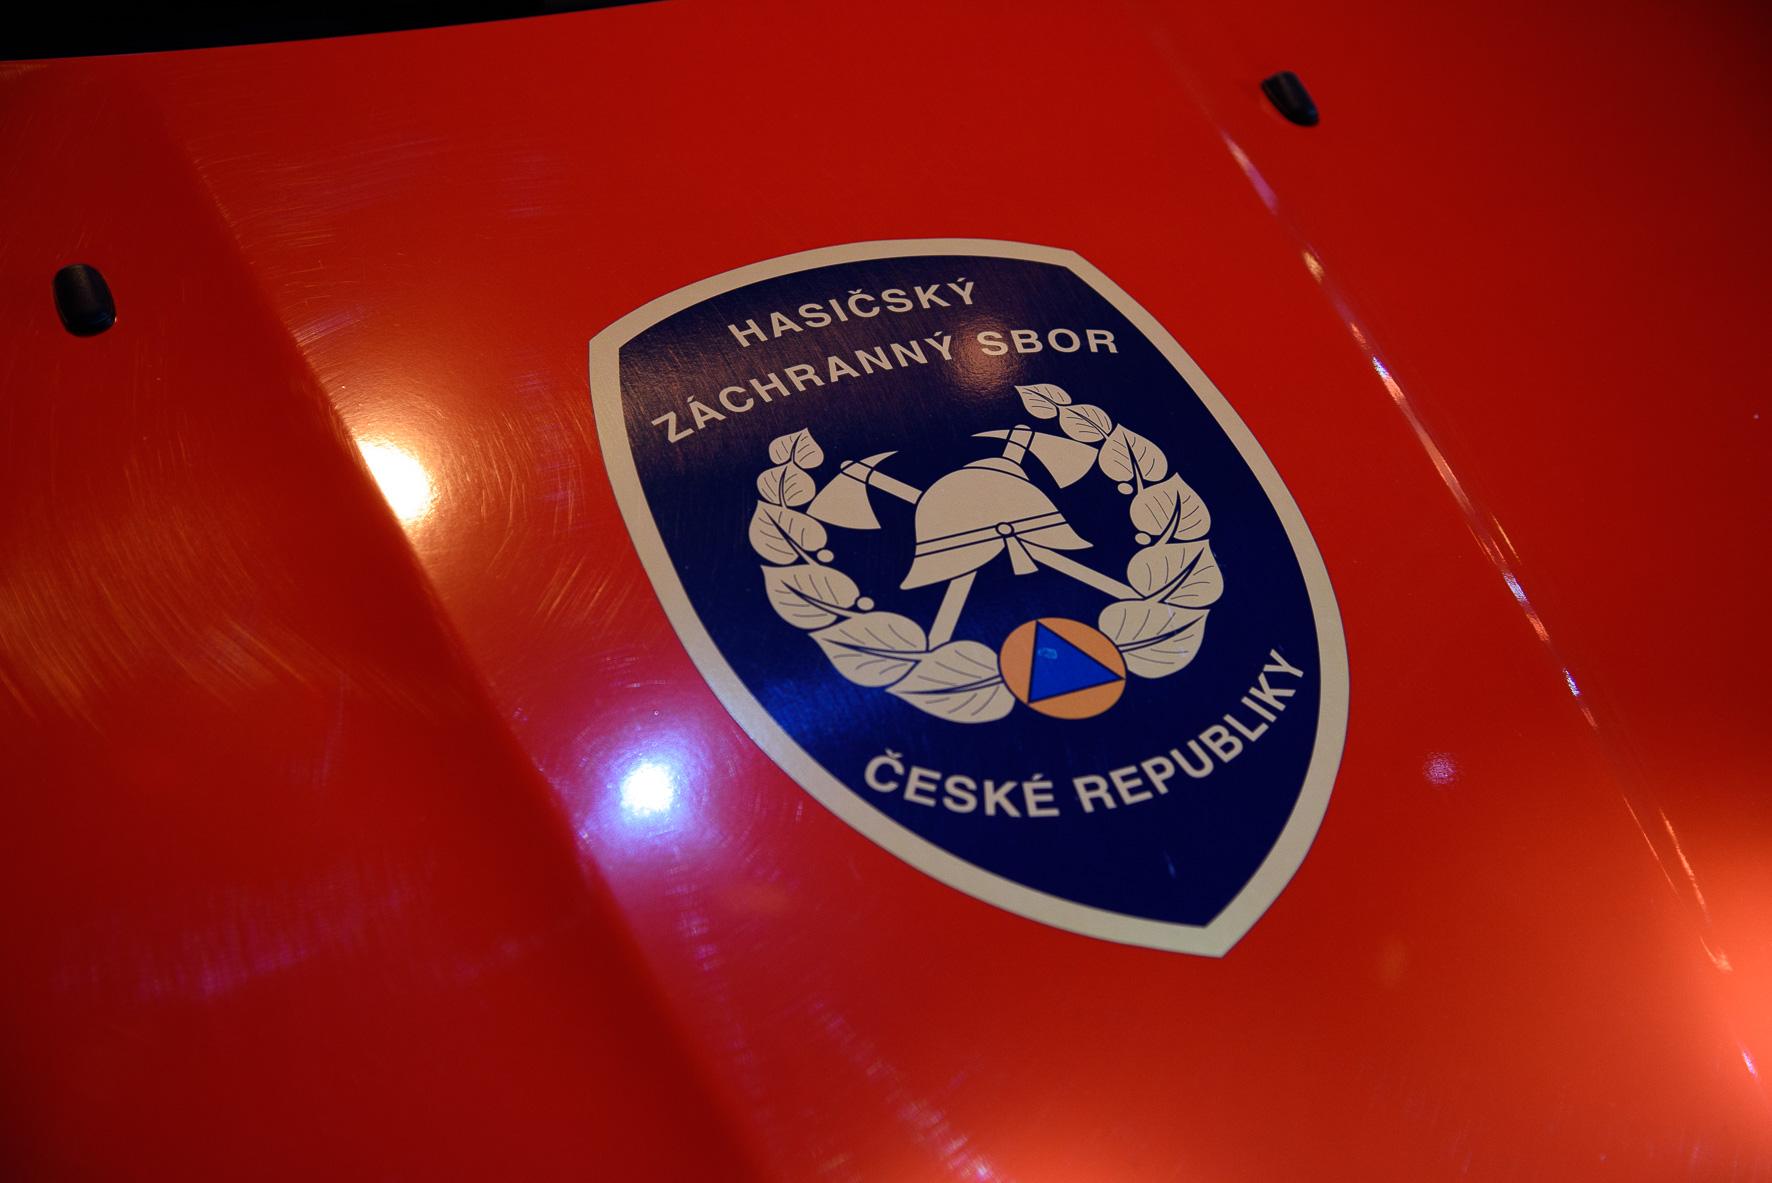 anketa-dobrovolni-hasici-roku-2015-vyhlaseni-vysledku-vozidlo-detail-znak-hzs-cr